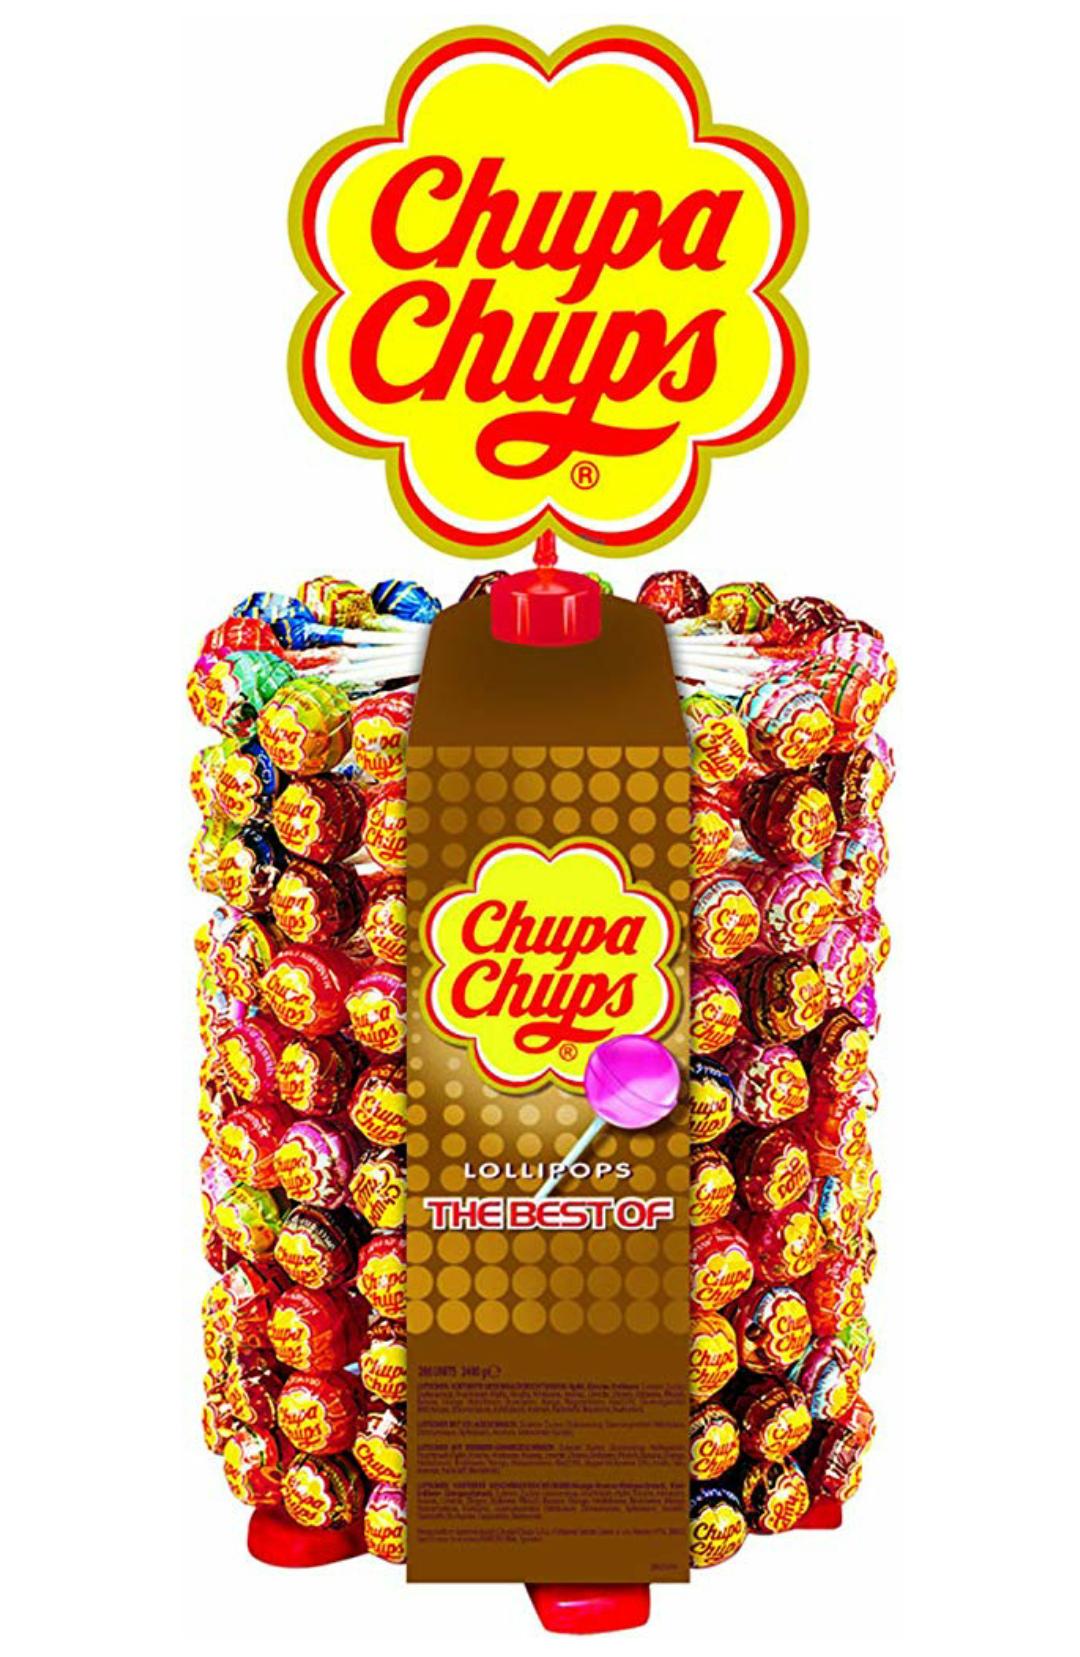 Chupa Chups 180er Lutscherrad plus 20 Lollis gratis | Lollipop-Ständer mit 7 leckeren Geschmacksrichtungen (im Spar-Abo günstiger)